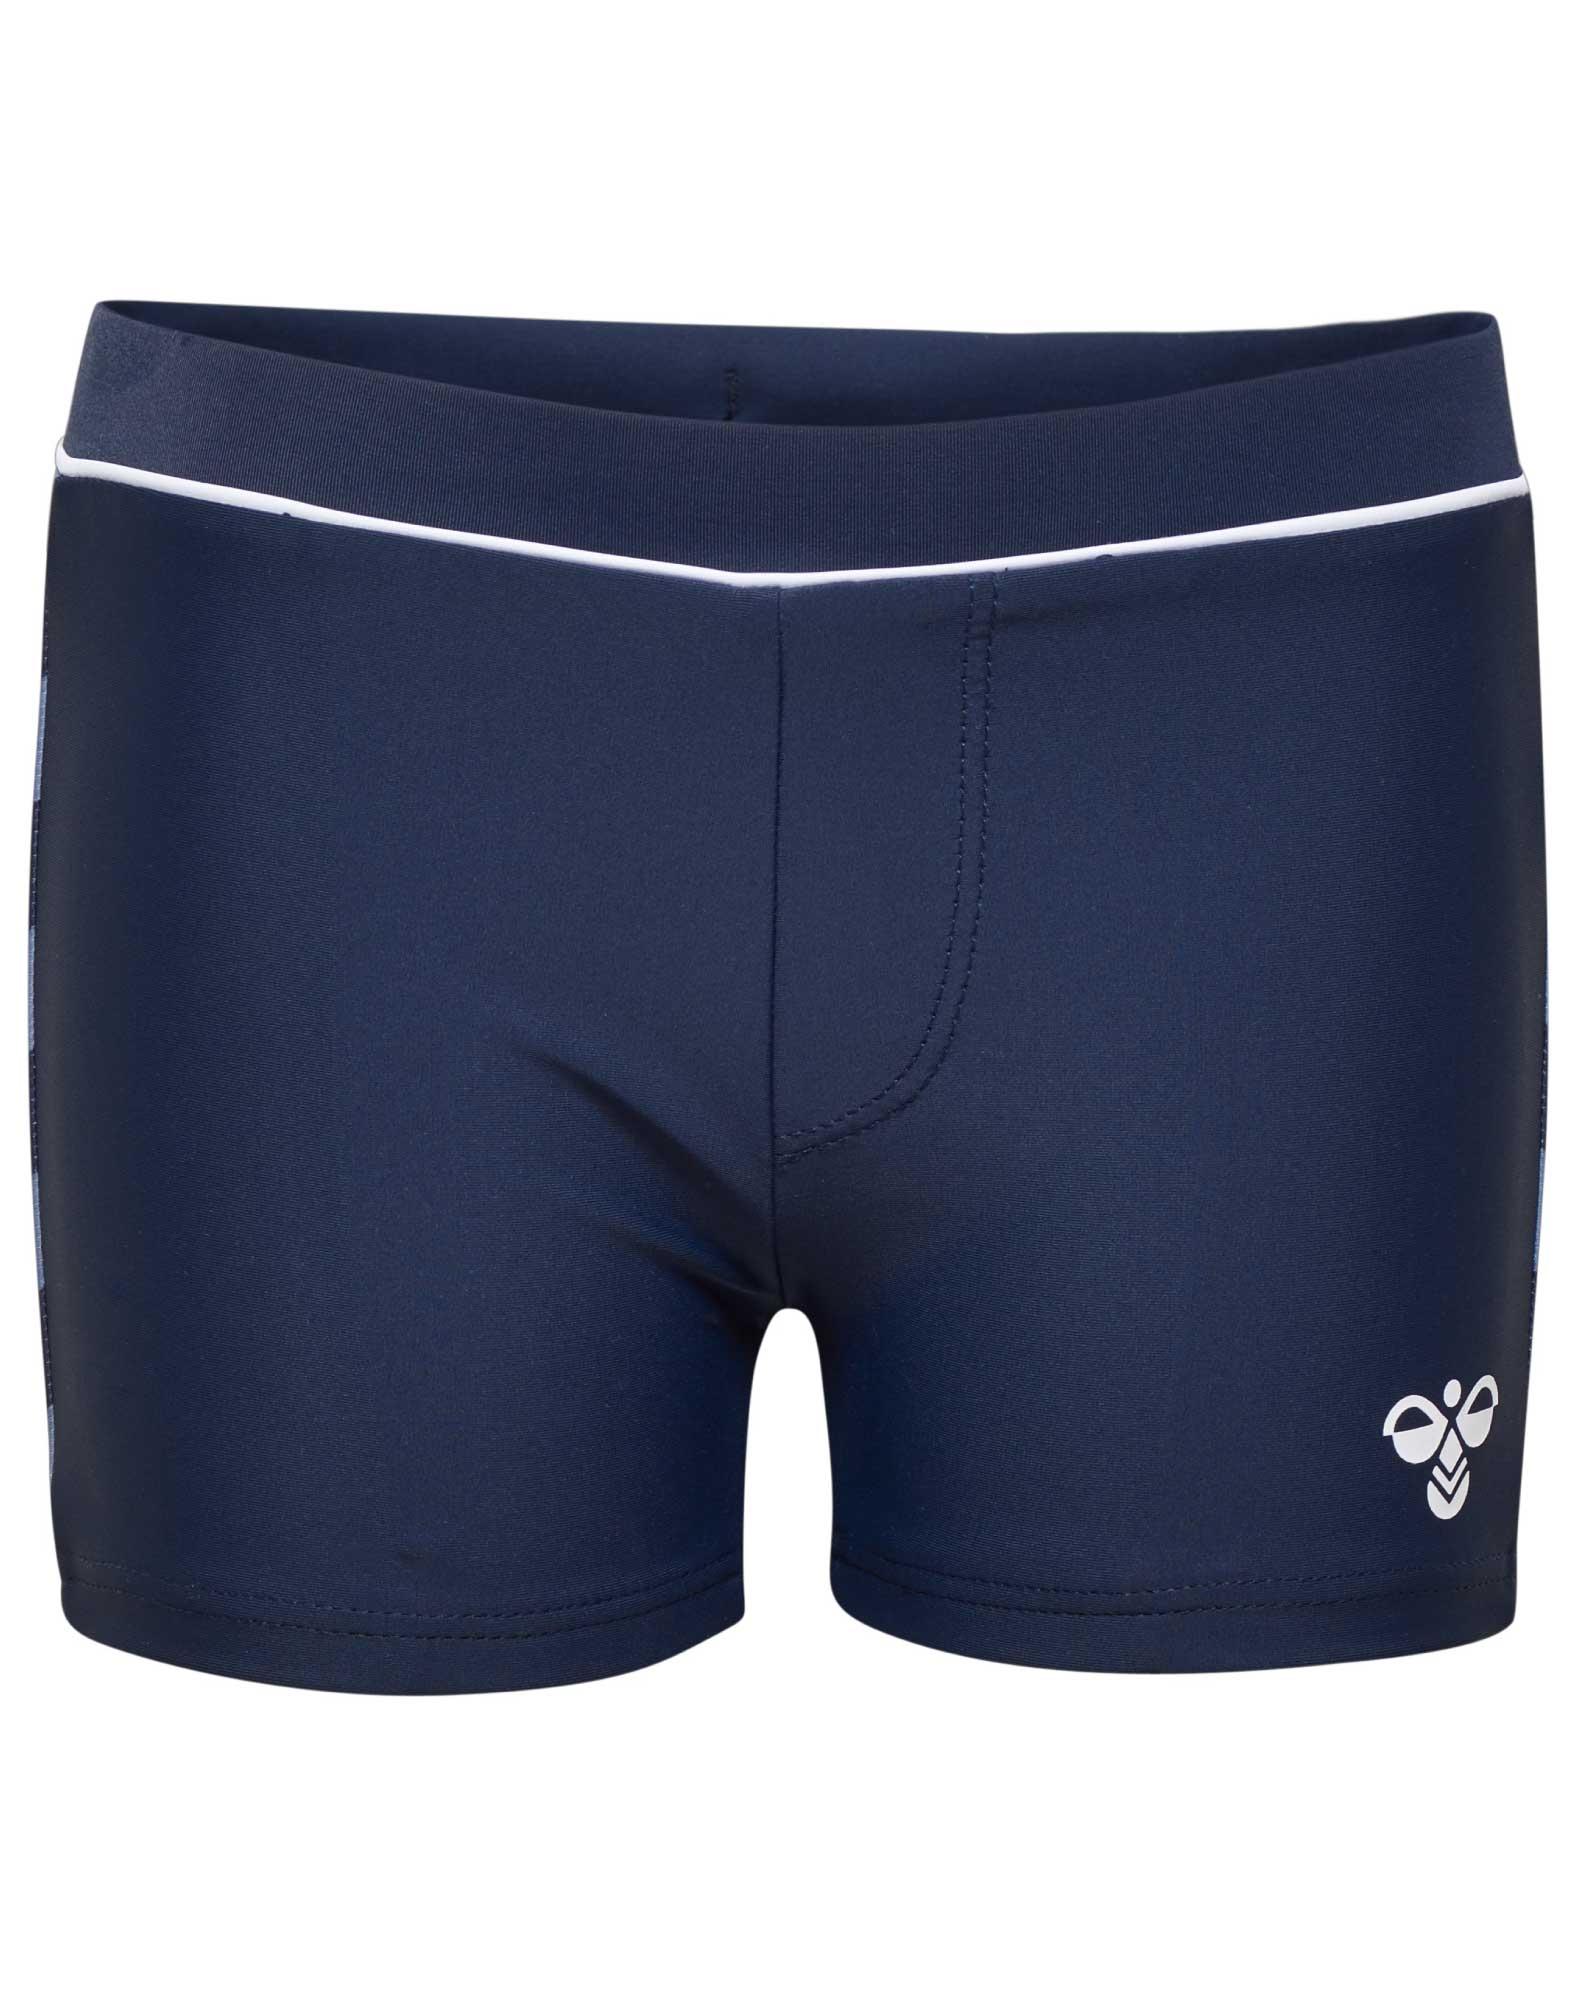 acd8801e262 Hummel Joss Swim Shorts Badebukser Navy Drenge